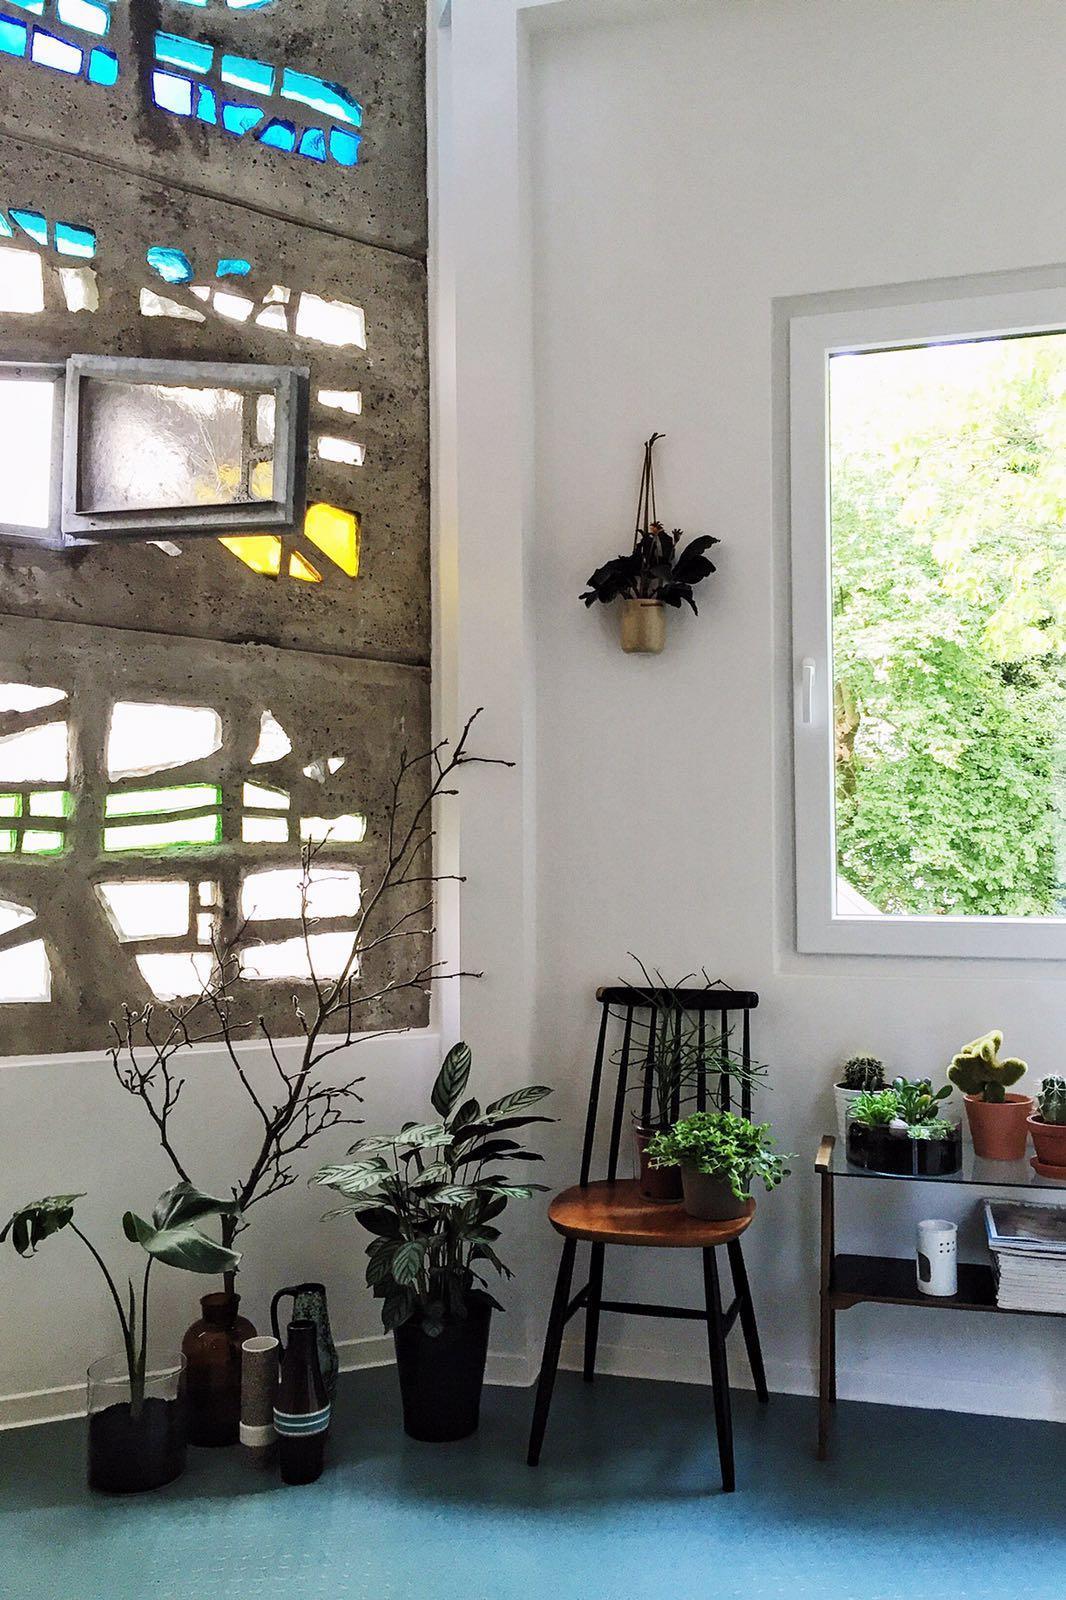 Farbgestaltung wohnen mit farbe bilder ideen for Wohnideen farbgestaltung